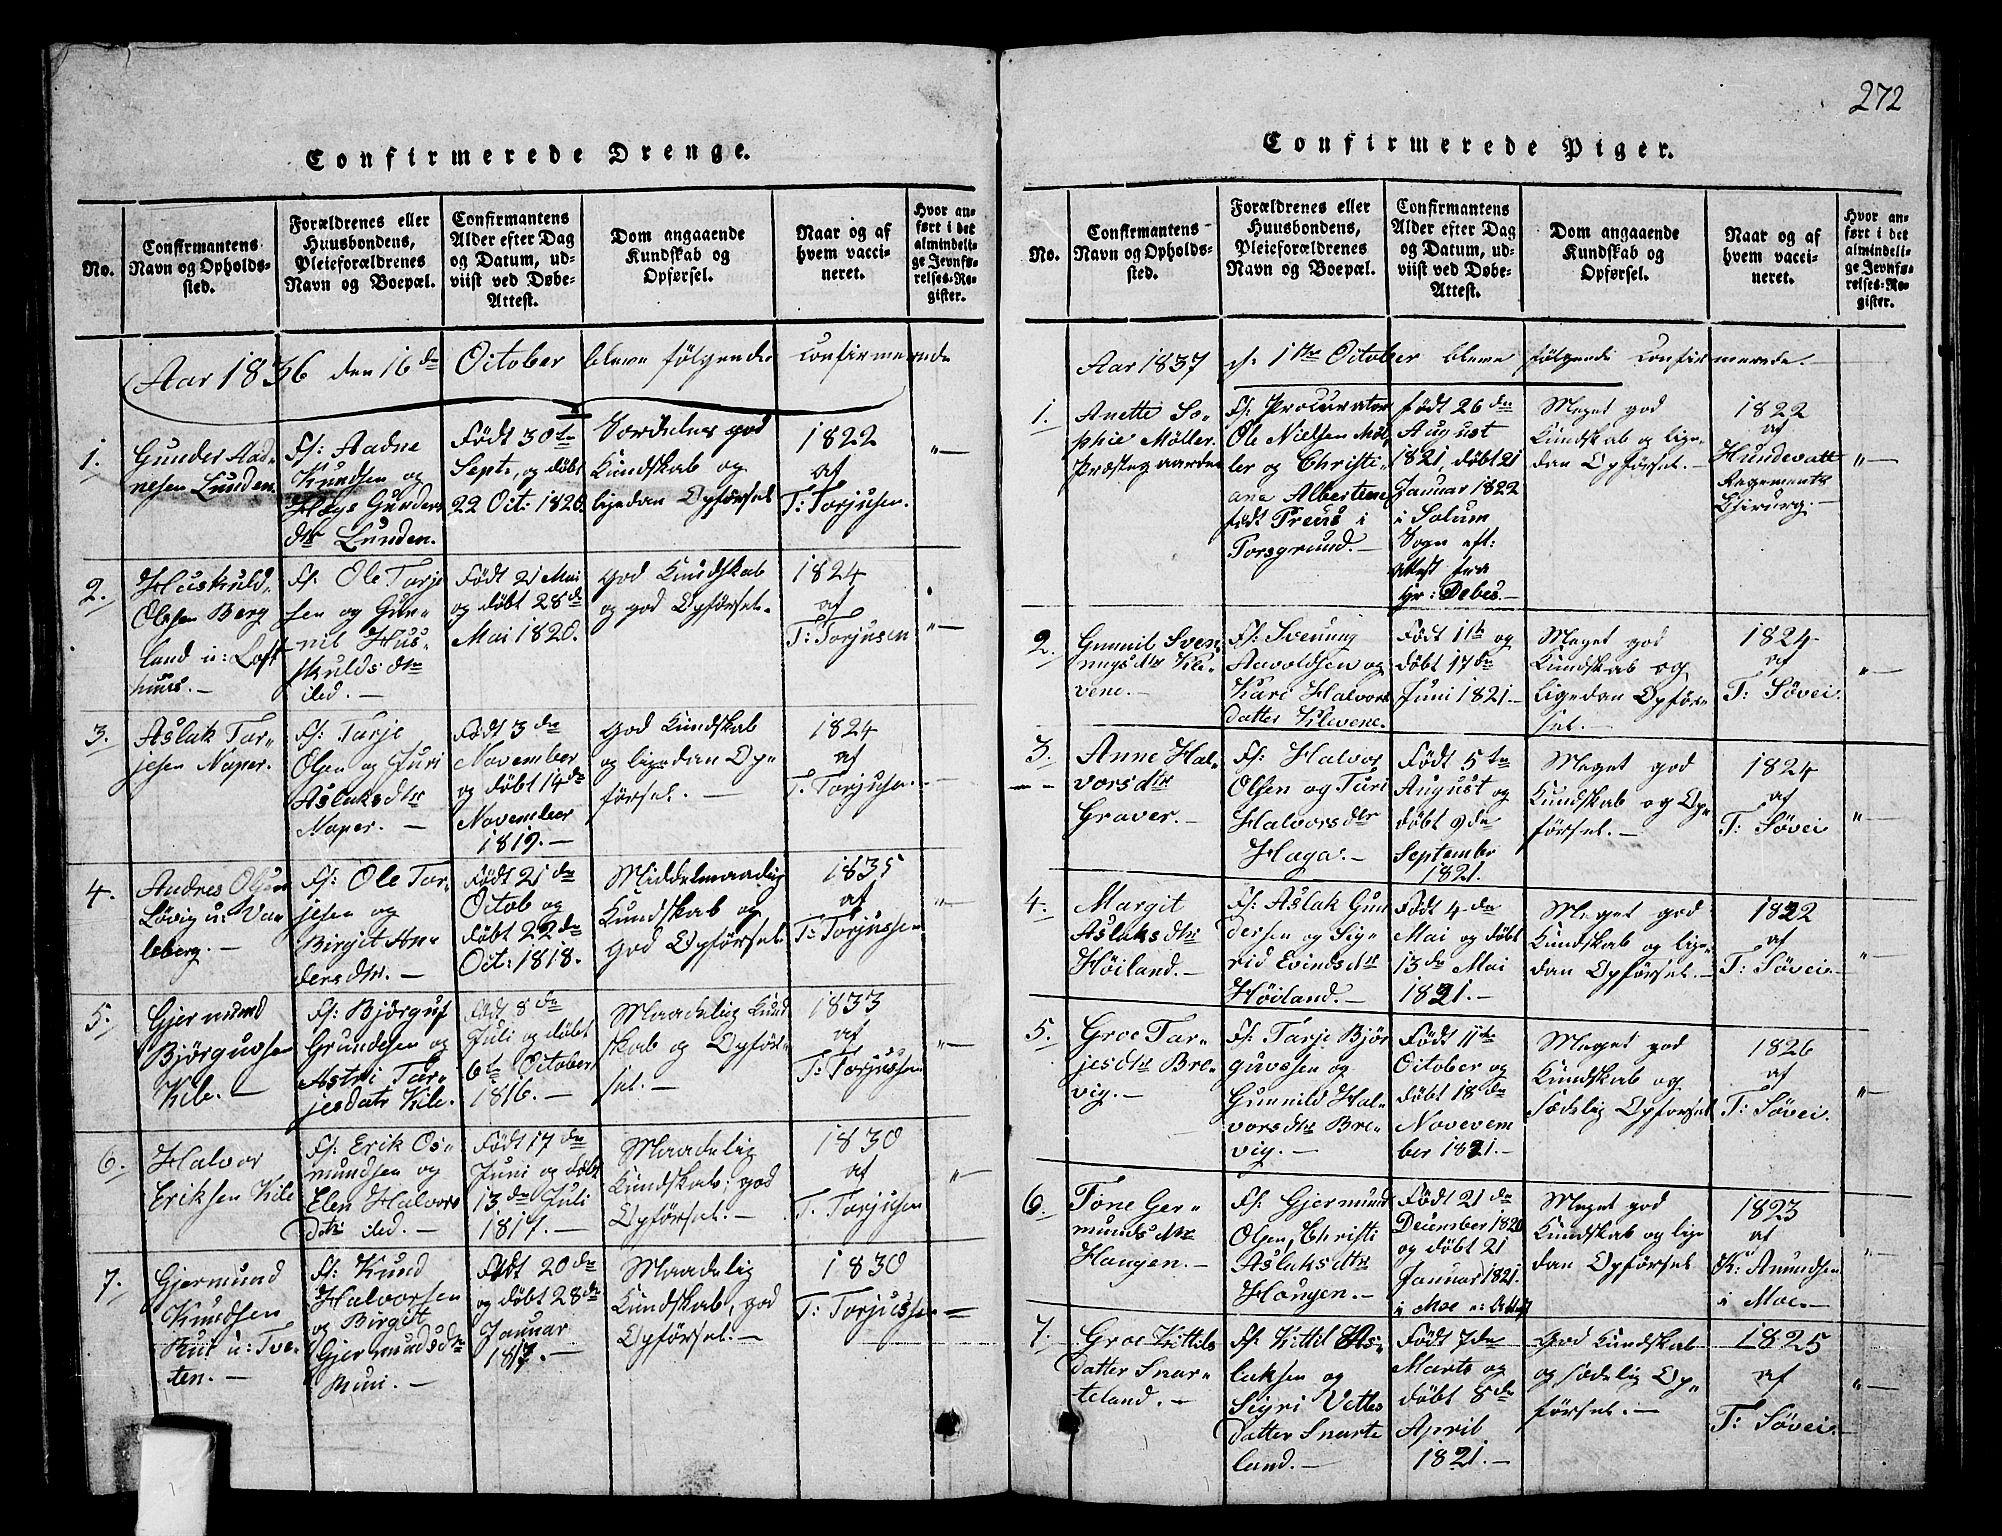 SAKO, Fyresdal kirkebøker, G/Ga/L0001: Klokkerbok nr. I 1, 1816-1840, s. 272